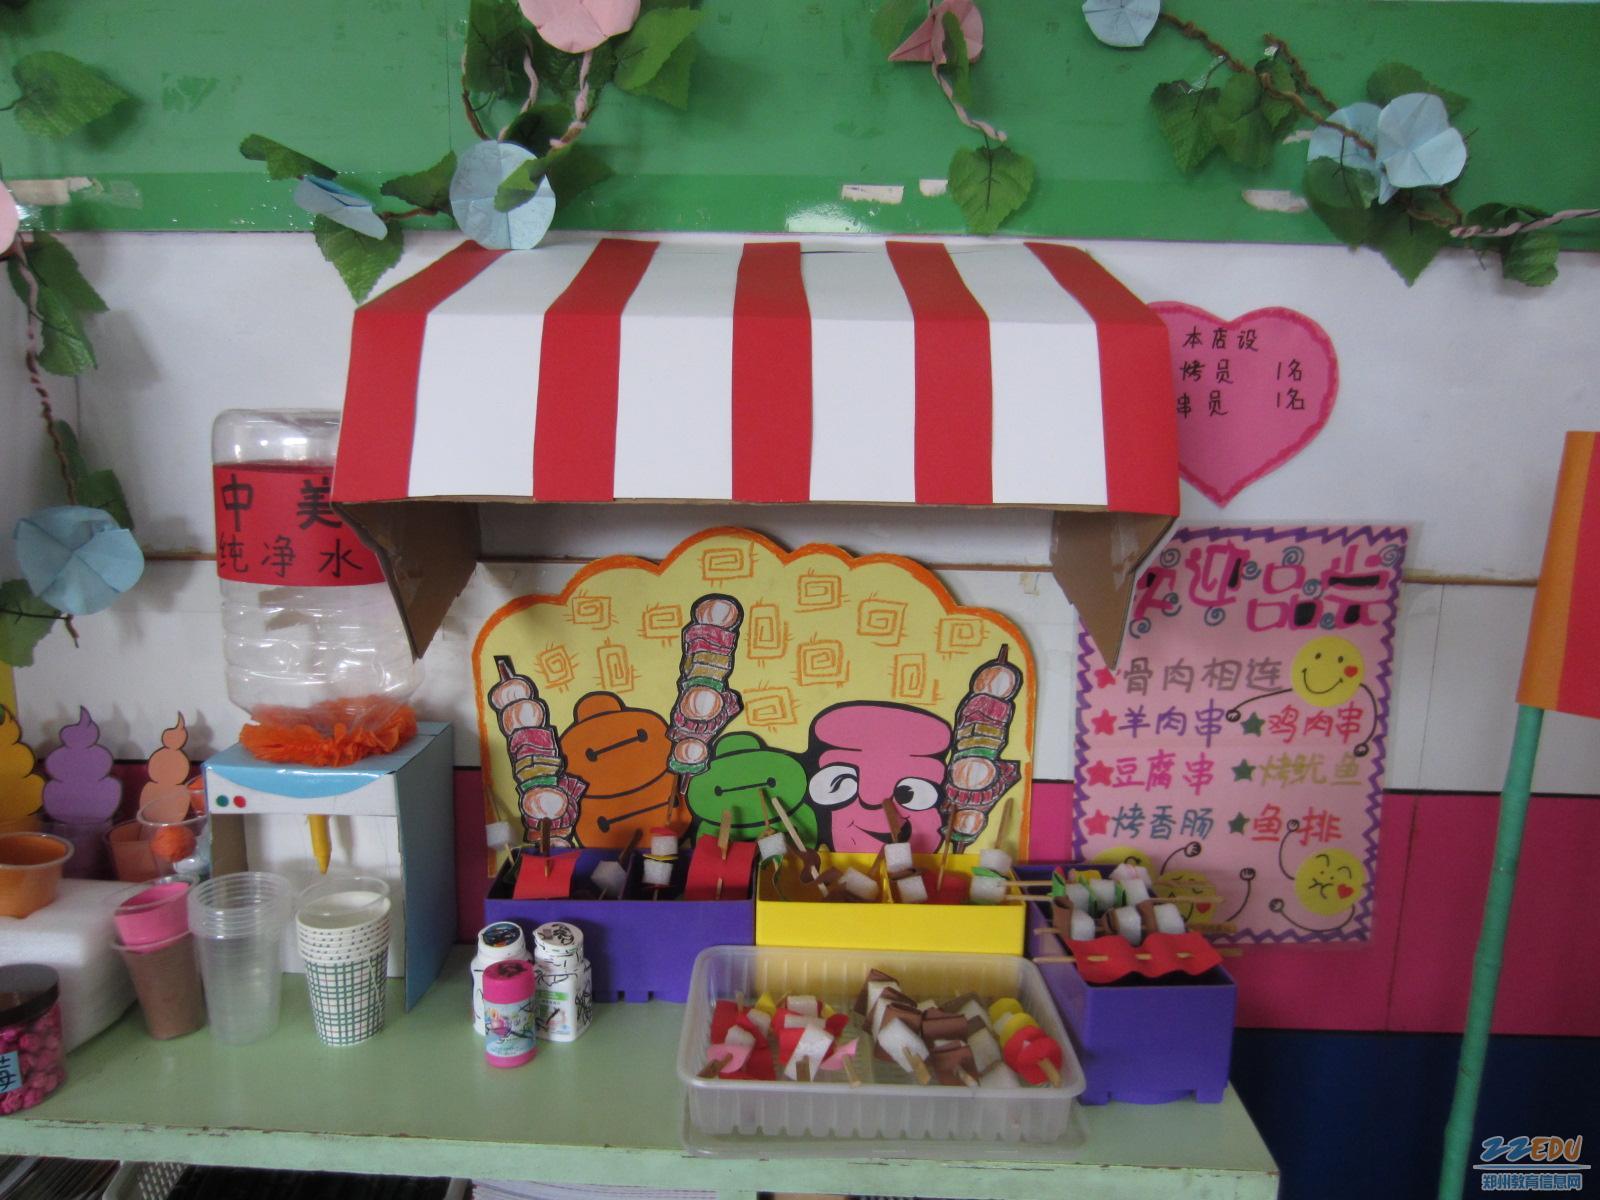 幼儿园教室布置吊饰 幼儿园小班环境布置 高清图片